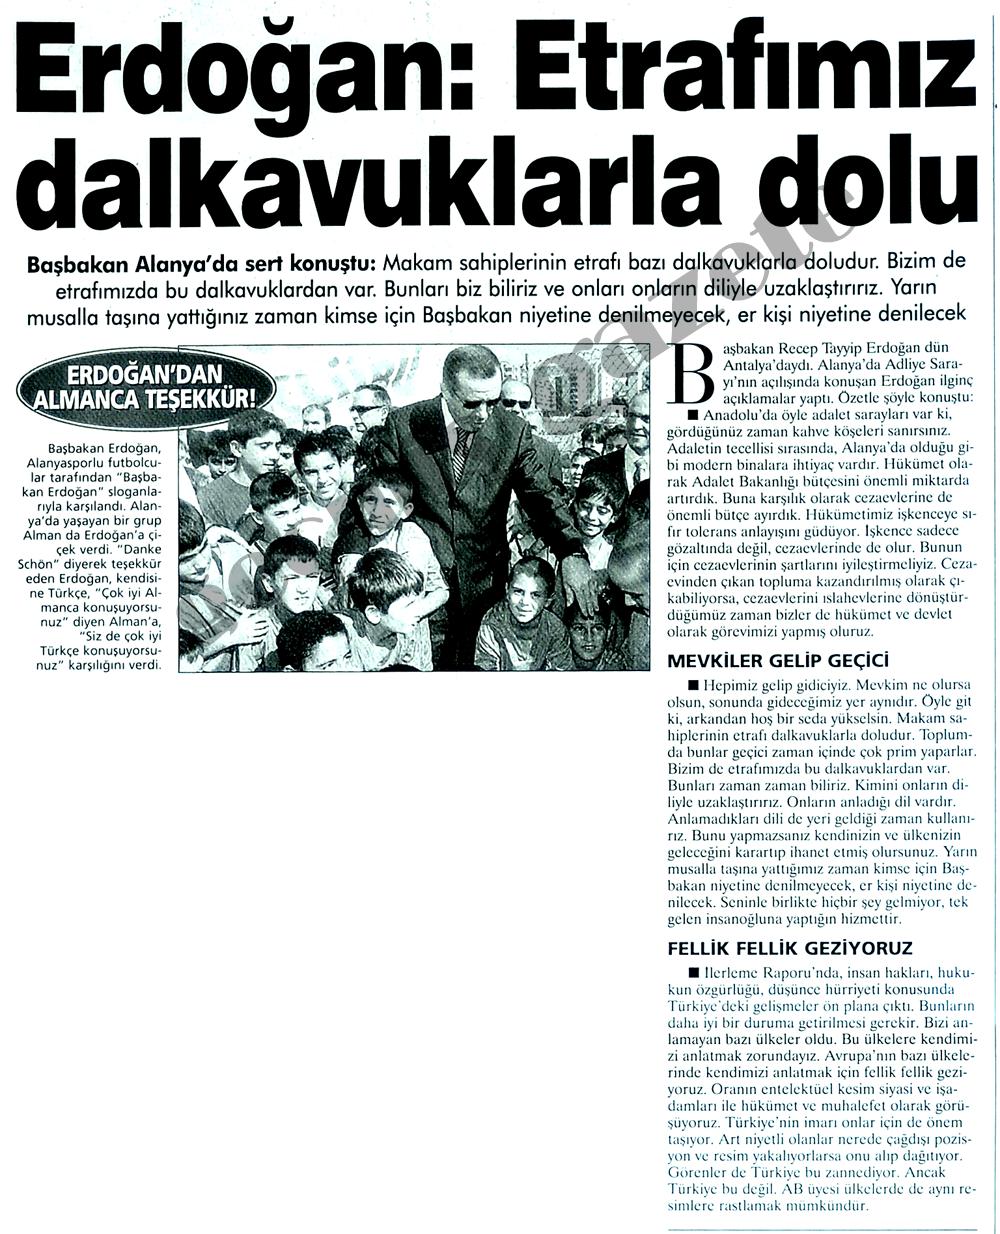 Erdoğan: Etrafımız dalkavuklarla dolu